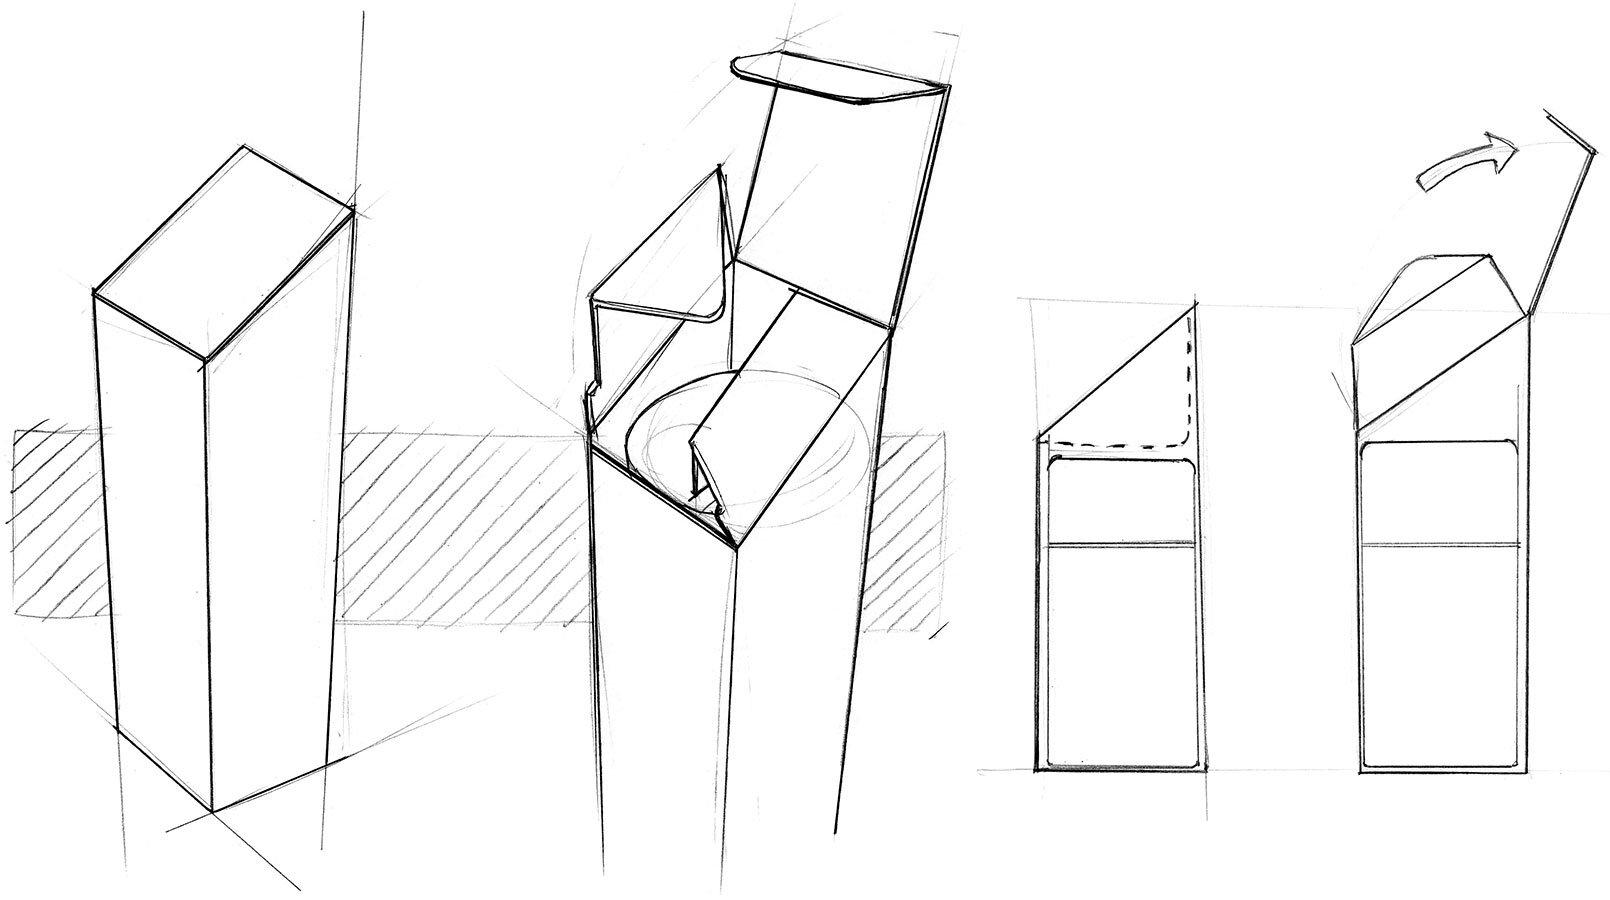 超级洁面乳 - 包装 - 设计-1.jpg